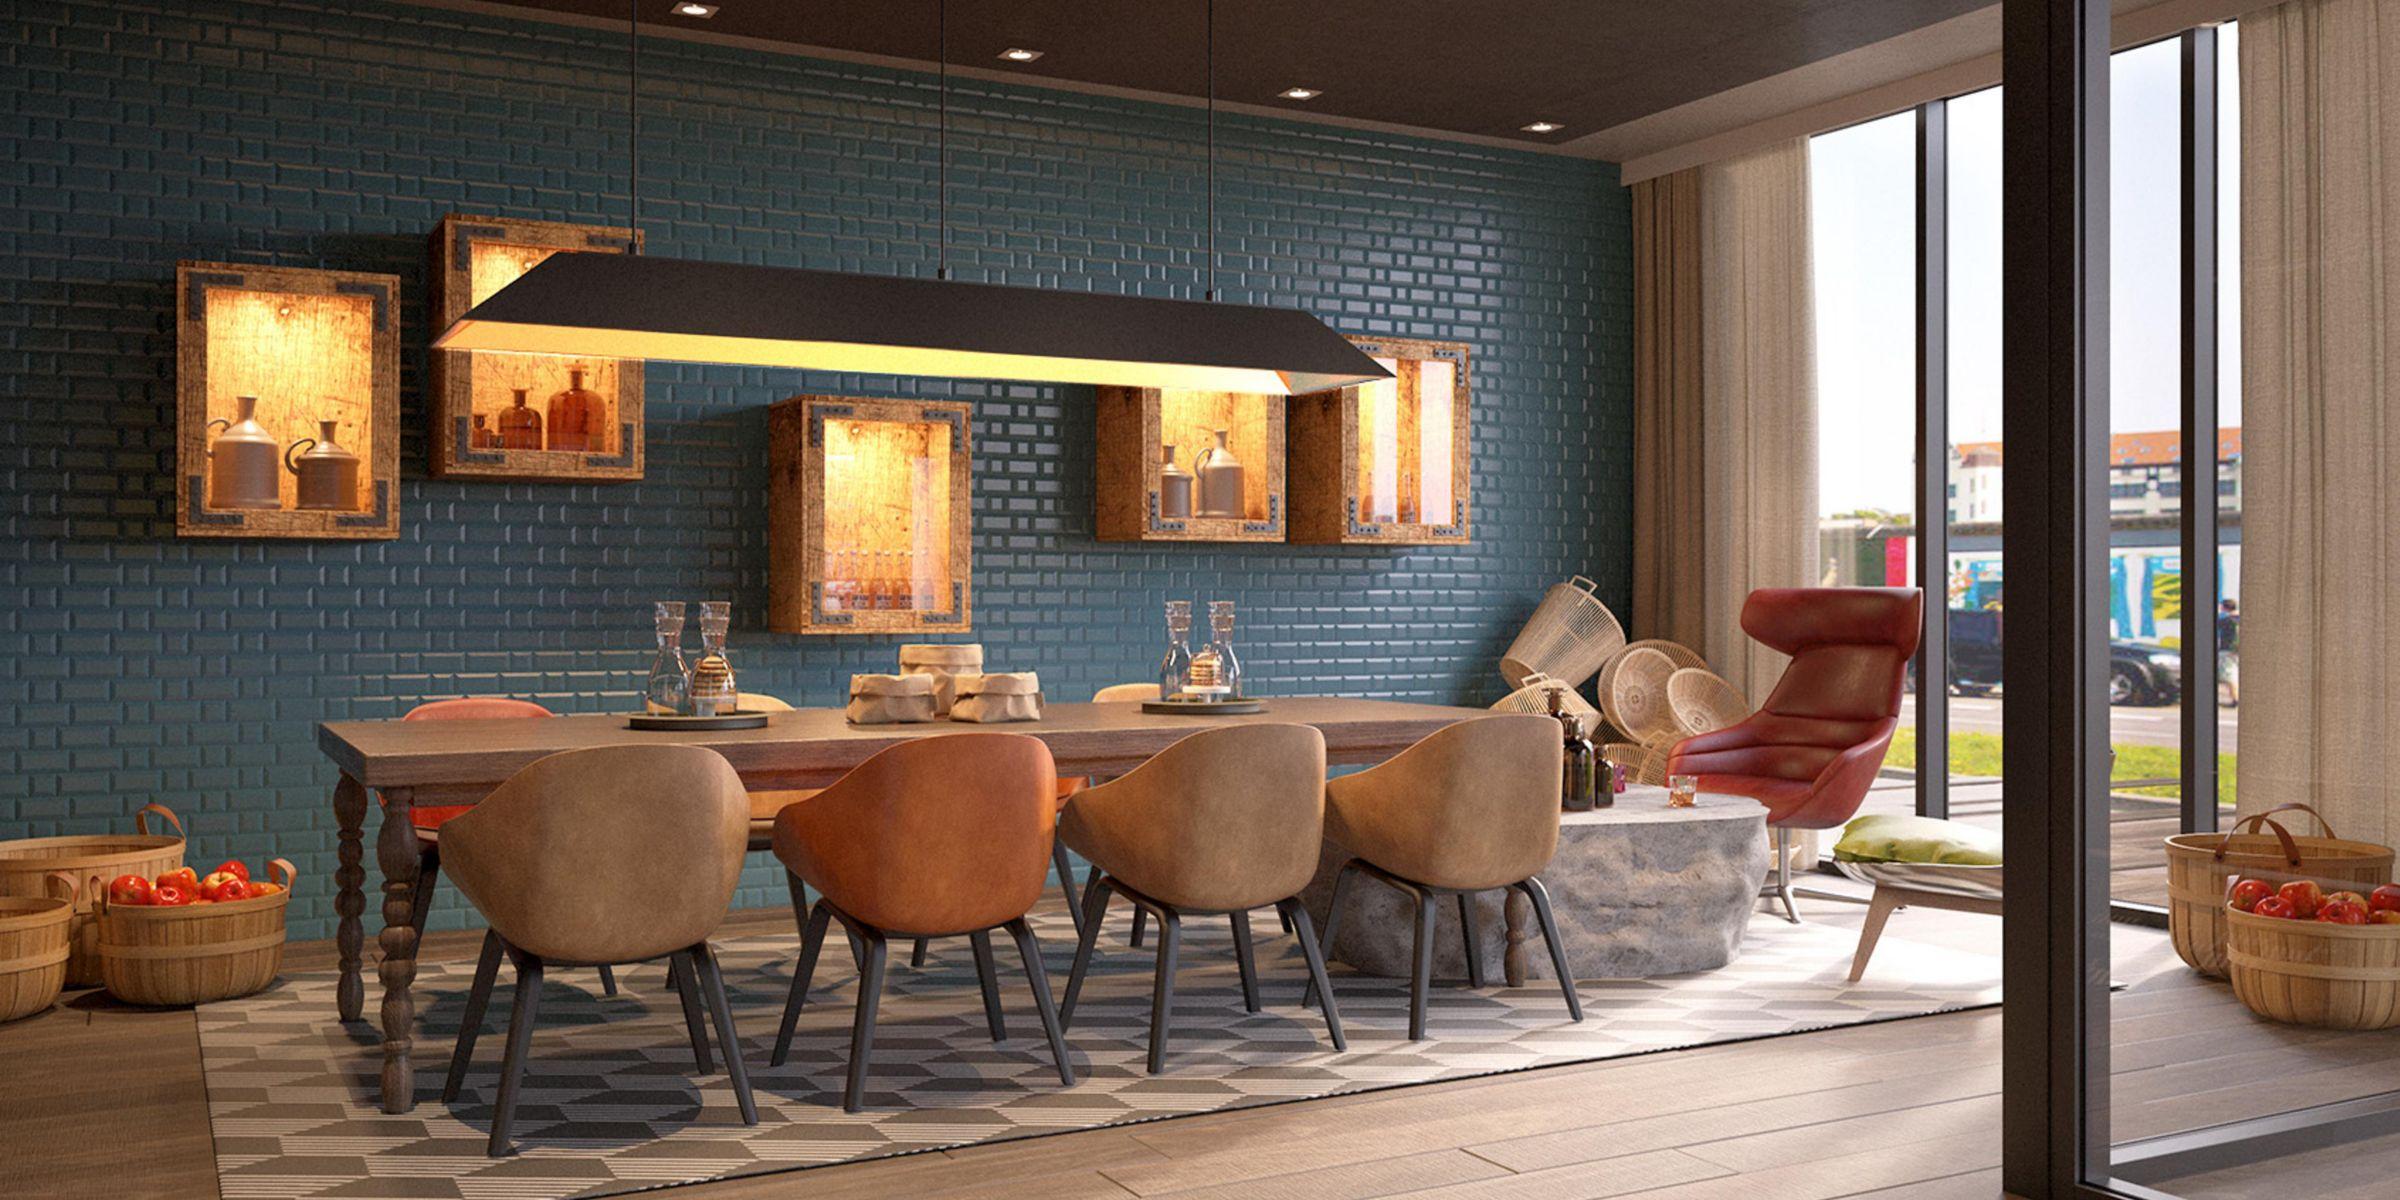 tunesische k che berlin maison du monde k che arbeitsplatte fenster badische kleine wei e tiere. Black Bedroom Furniture Sets. Home Design Ideas